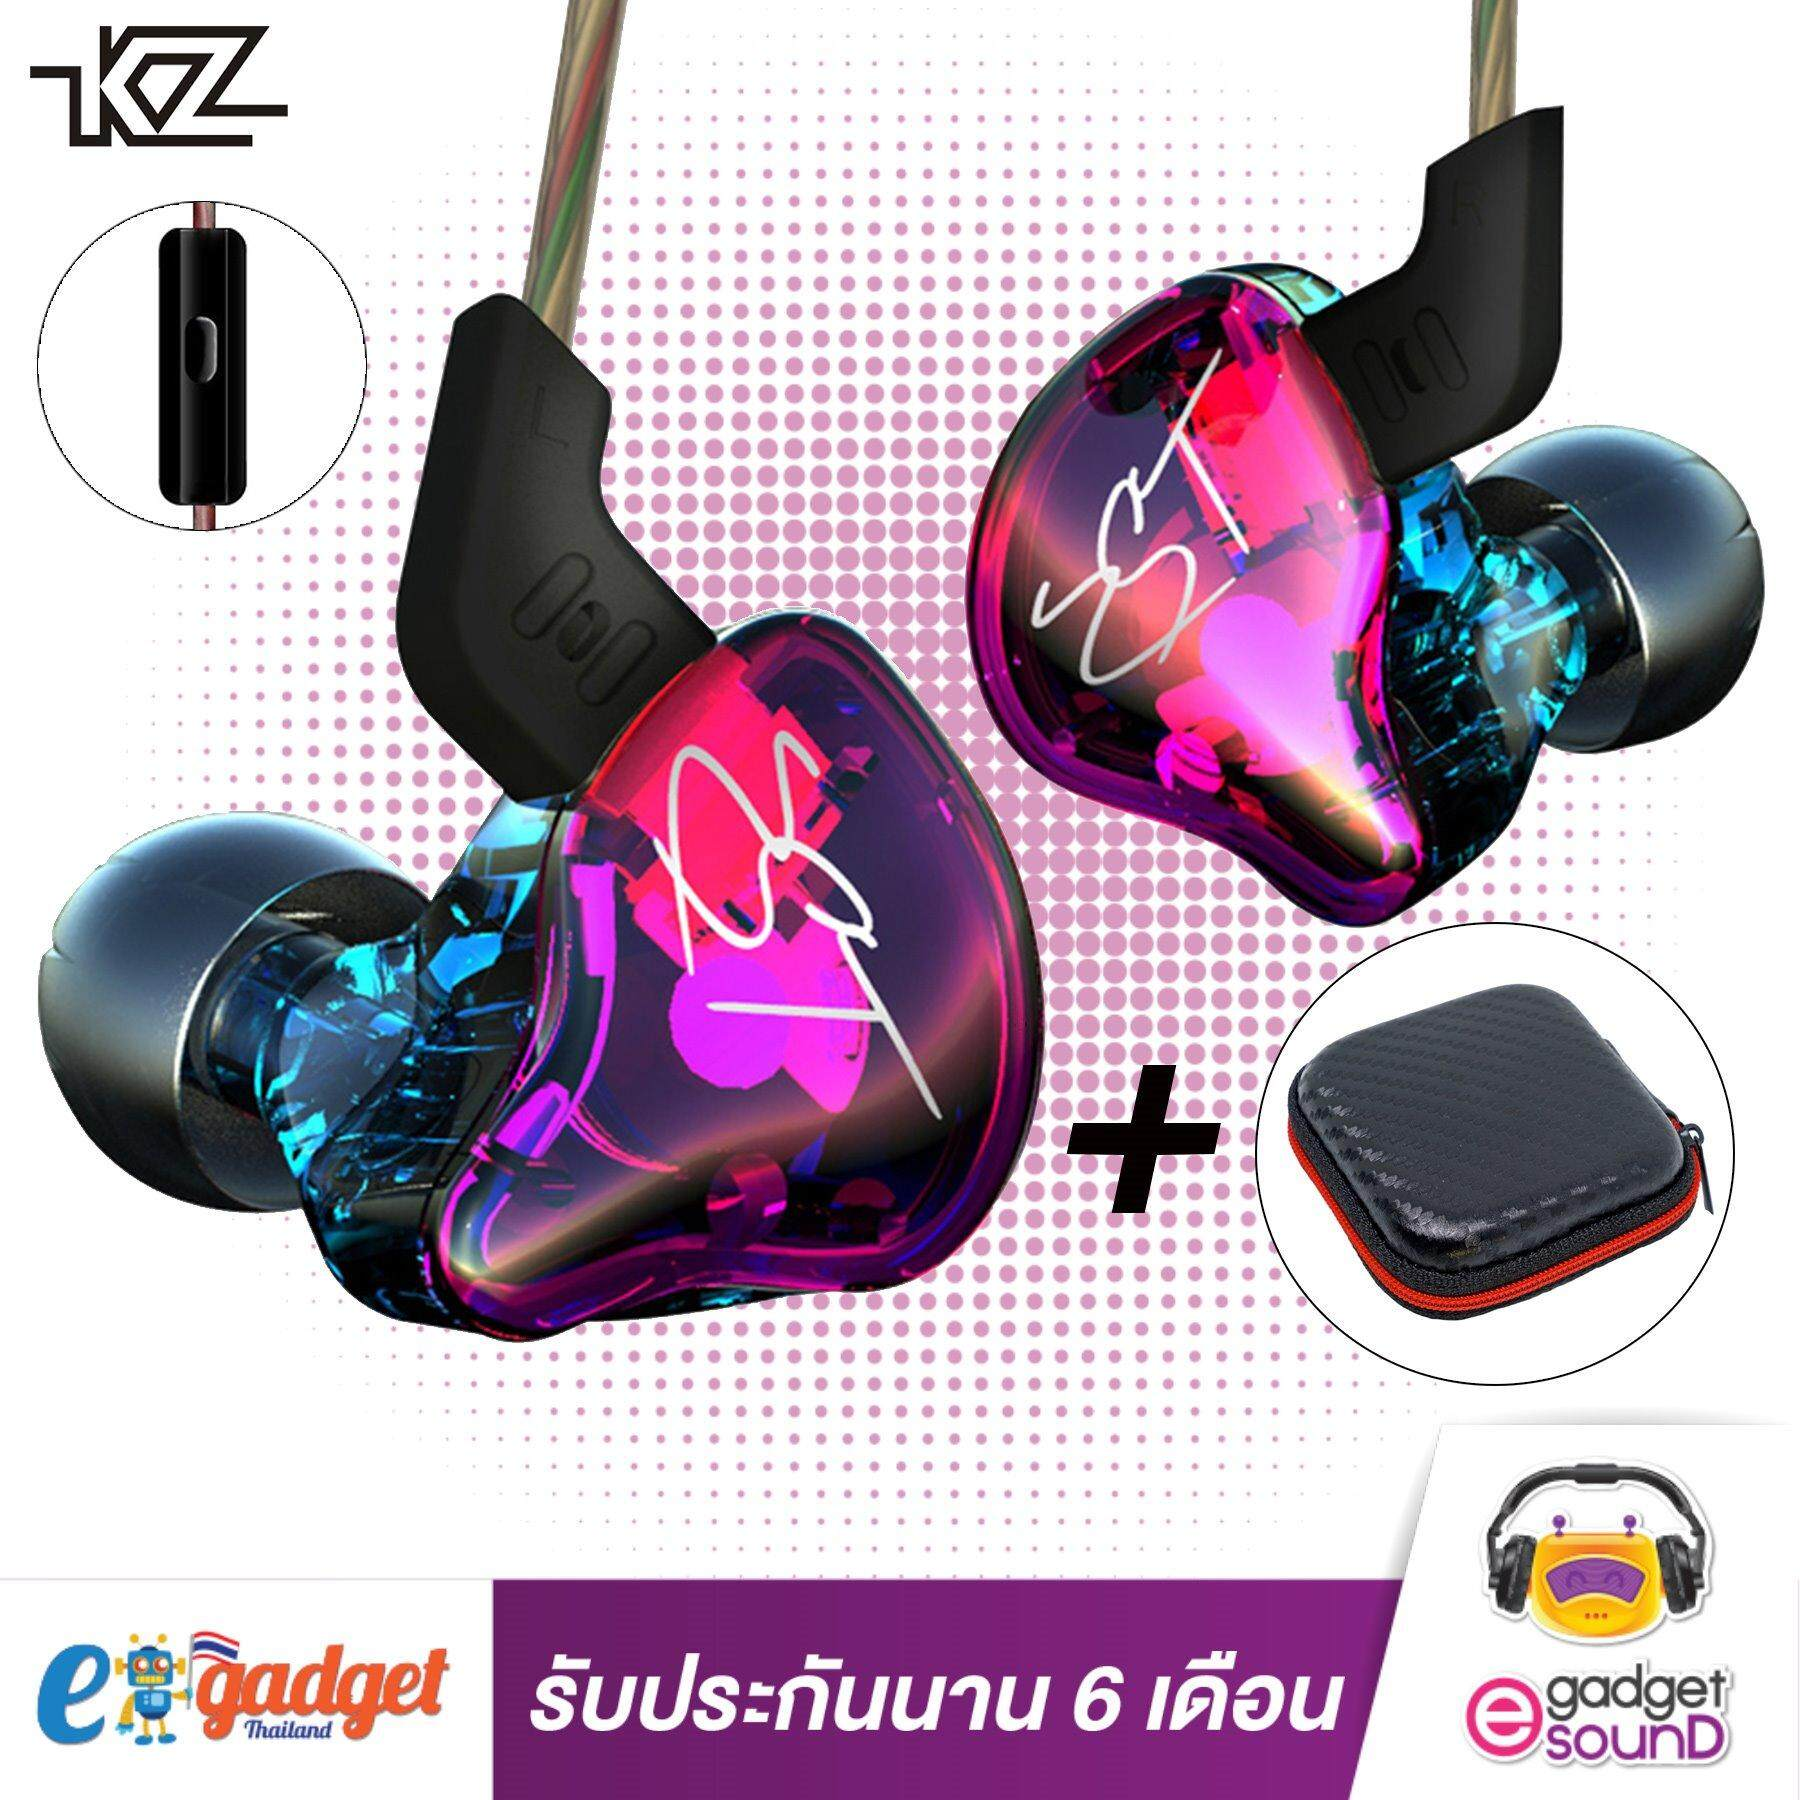 ซื้อ Kz รุ่น Zst มีไมค์ แถม กระเป๋าหูฟังอย่างดี หูฟัง Hybrid 2 ไดร์เวอร์ ถอดเปลี่ยนสายได้ ประกัน 6 เดือน รูปทรง In Ear Monitor Ime เสียงดี มิติครบ Kz